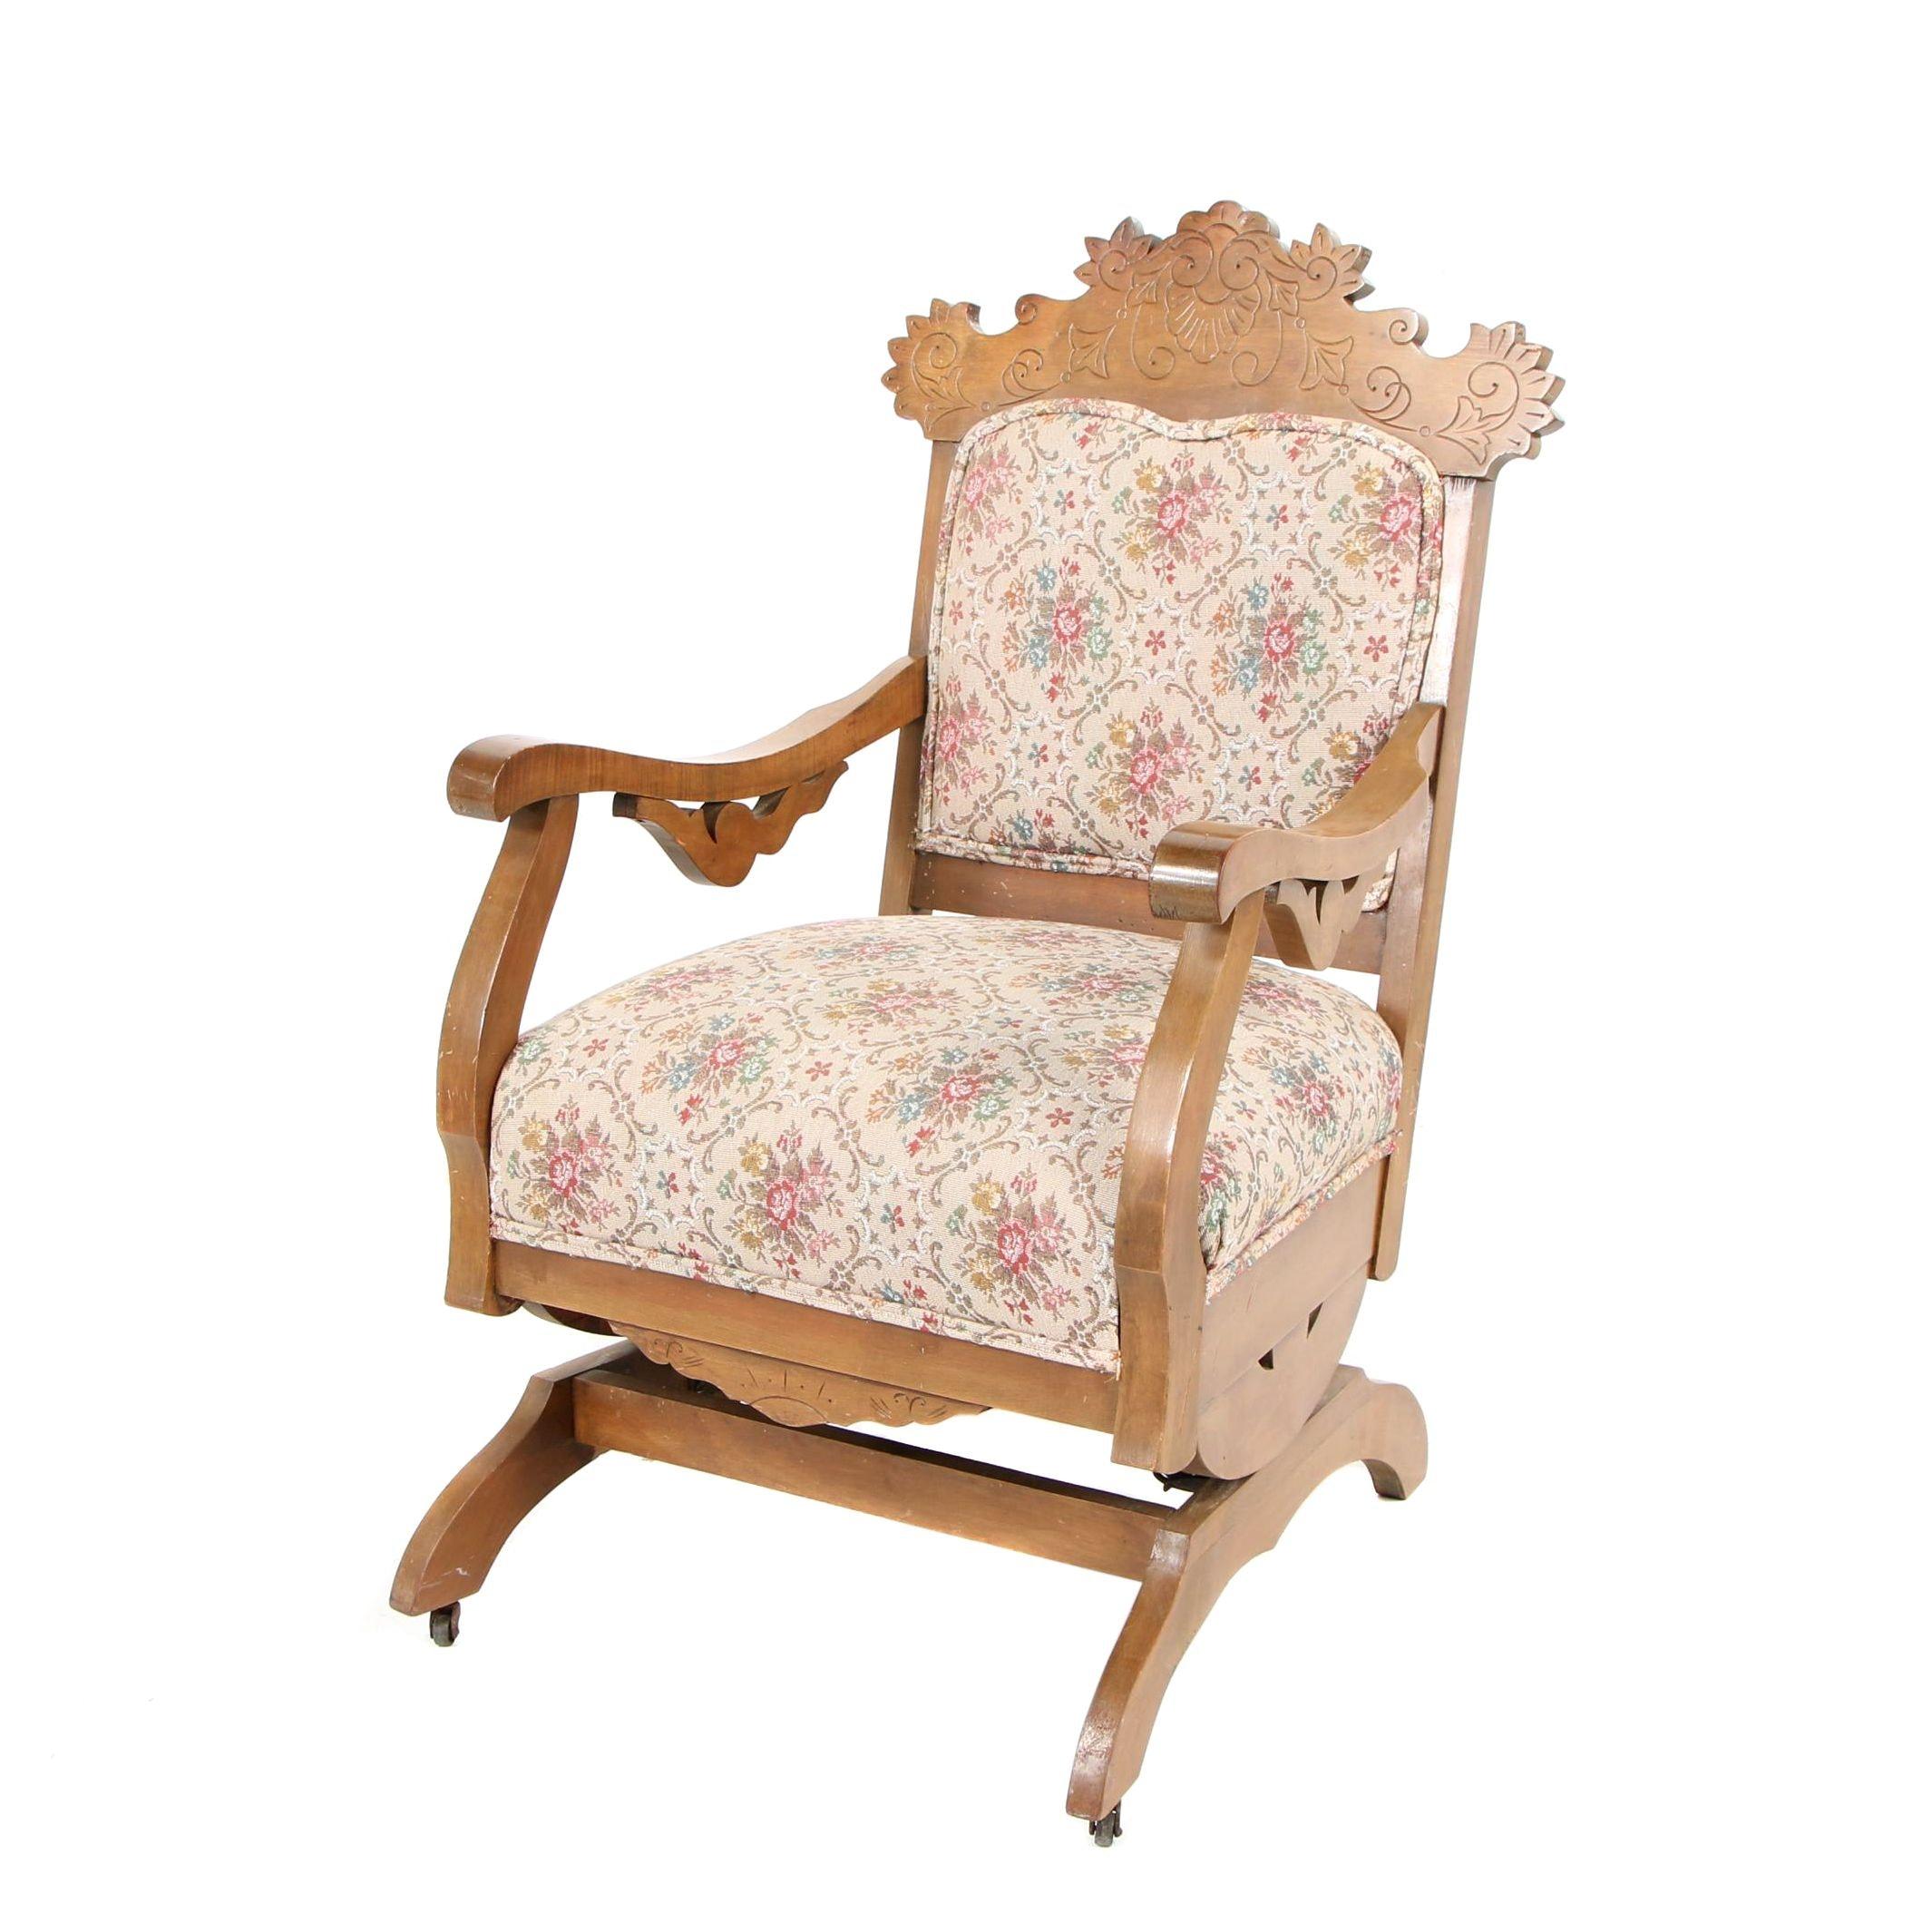 Eastlake Victorian Platform Rocking Chair in Birch, Circa 1900